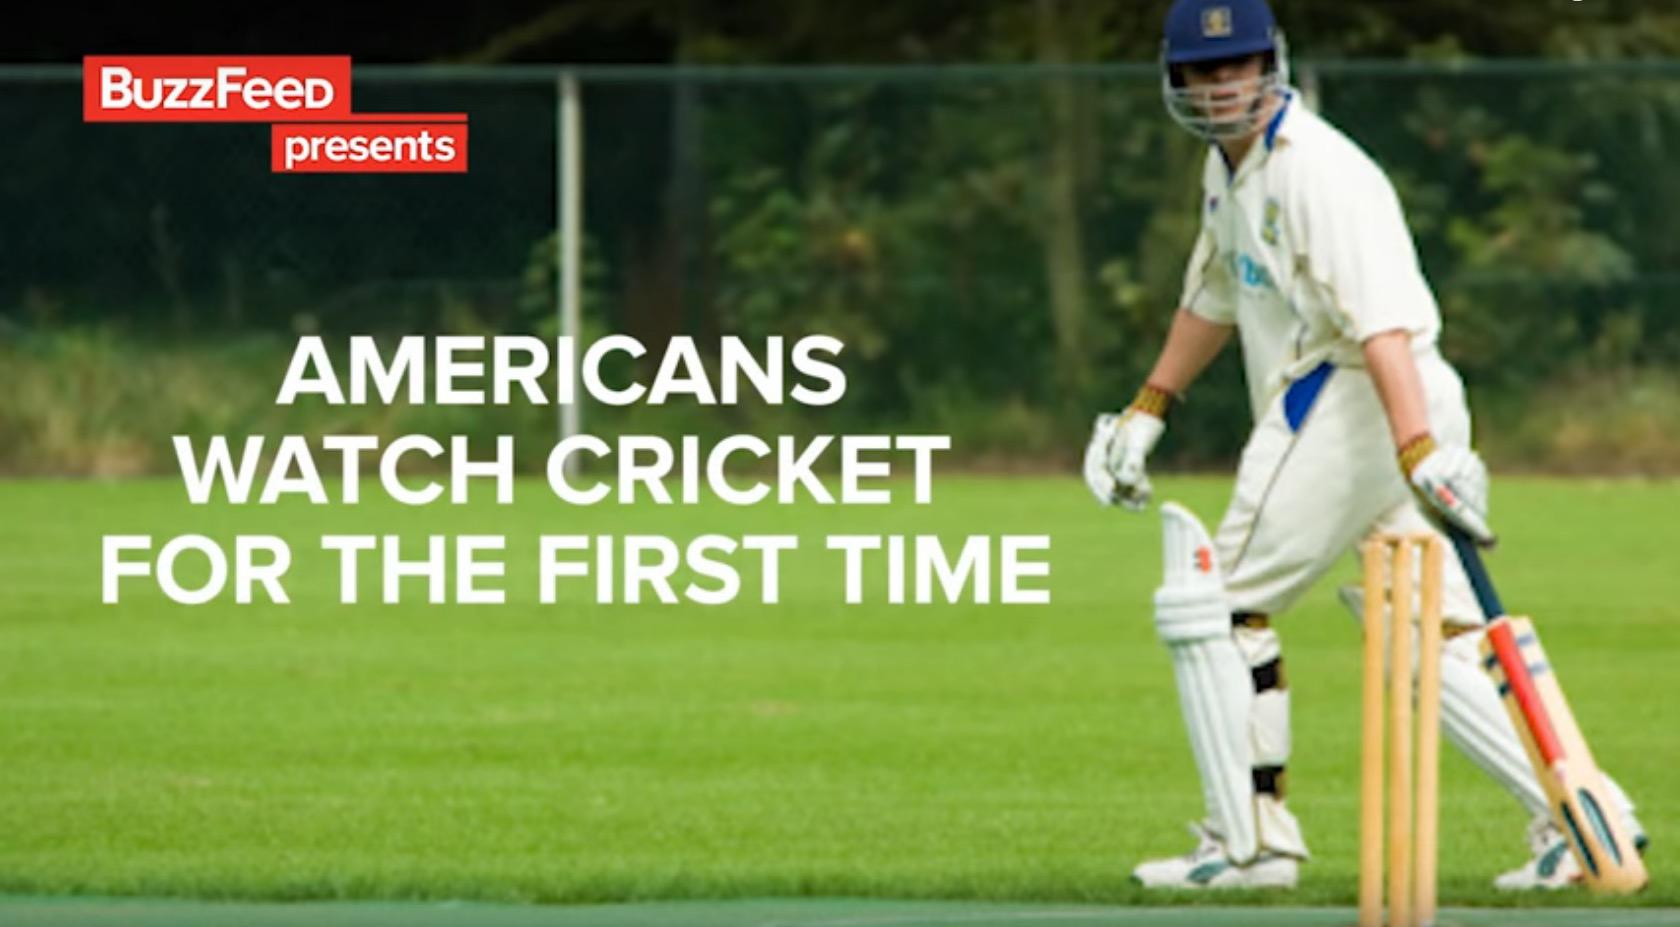 cricketamerican